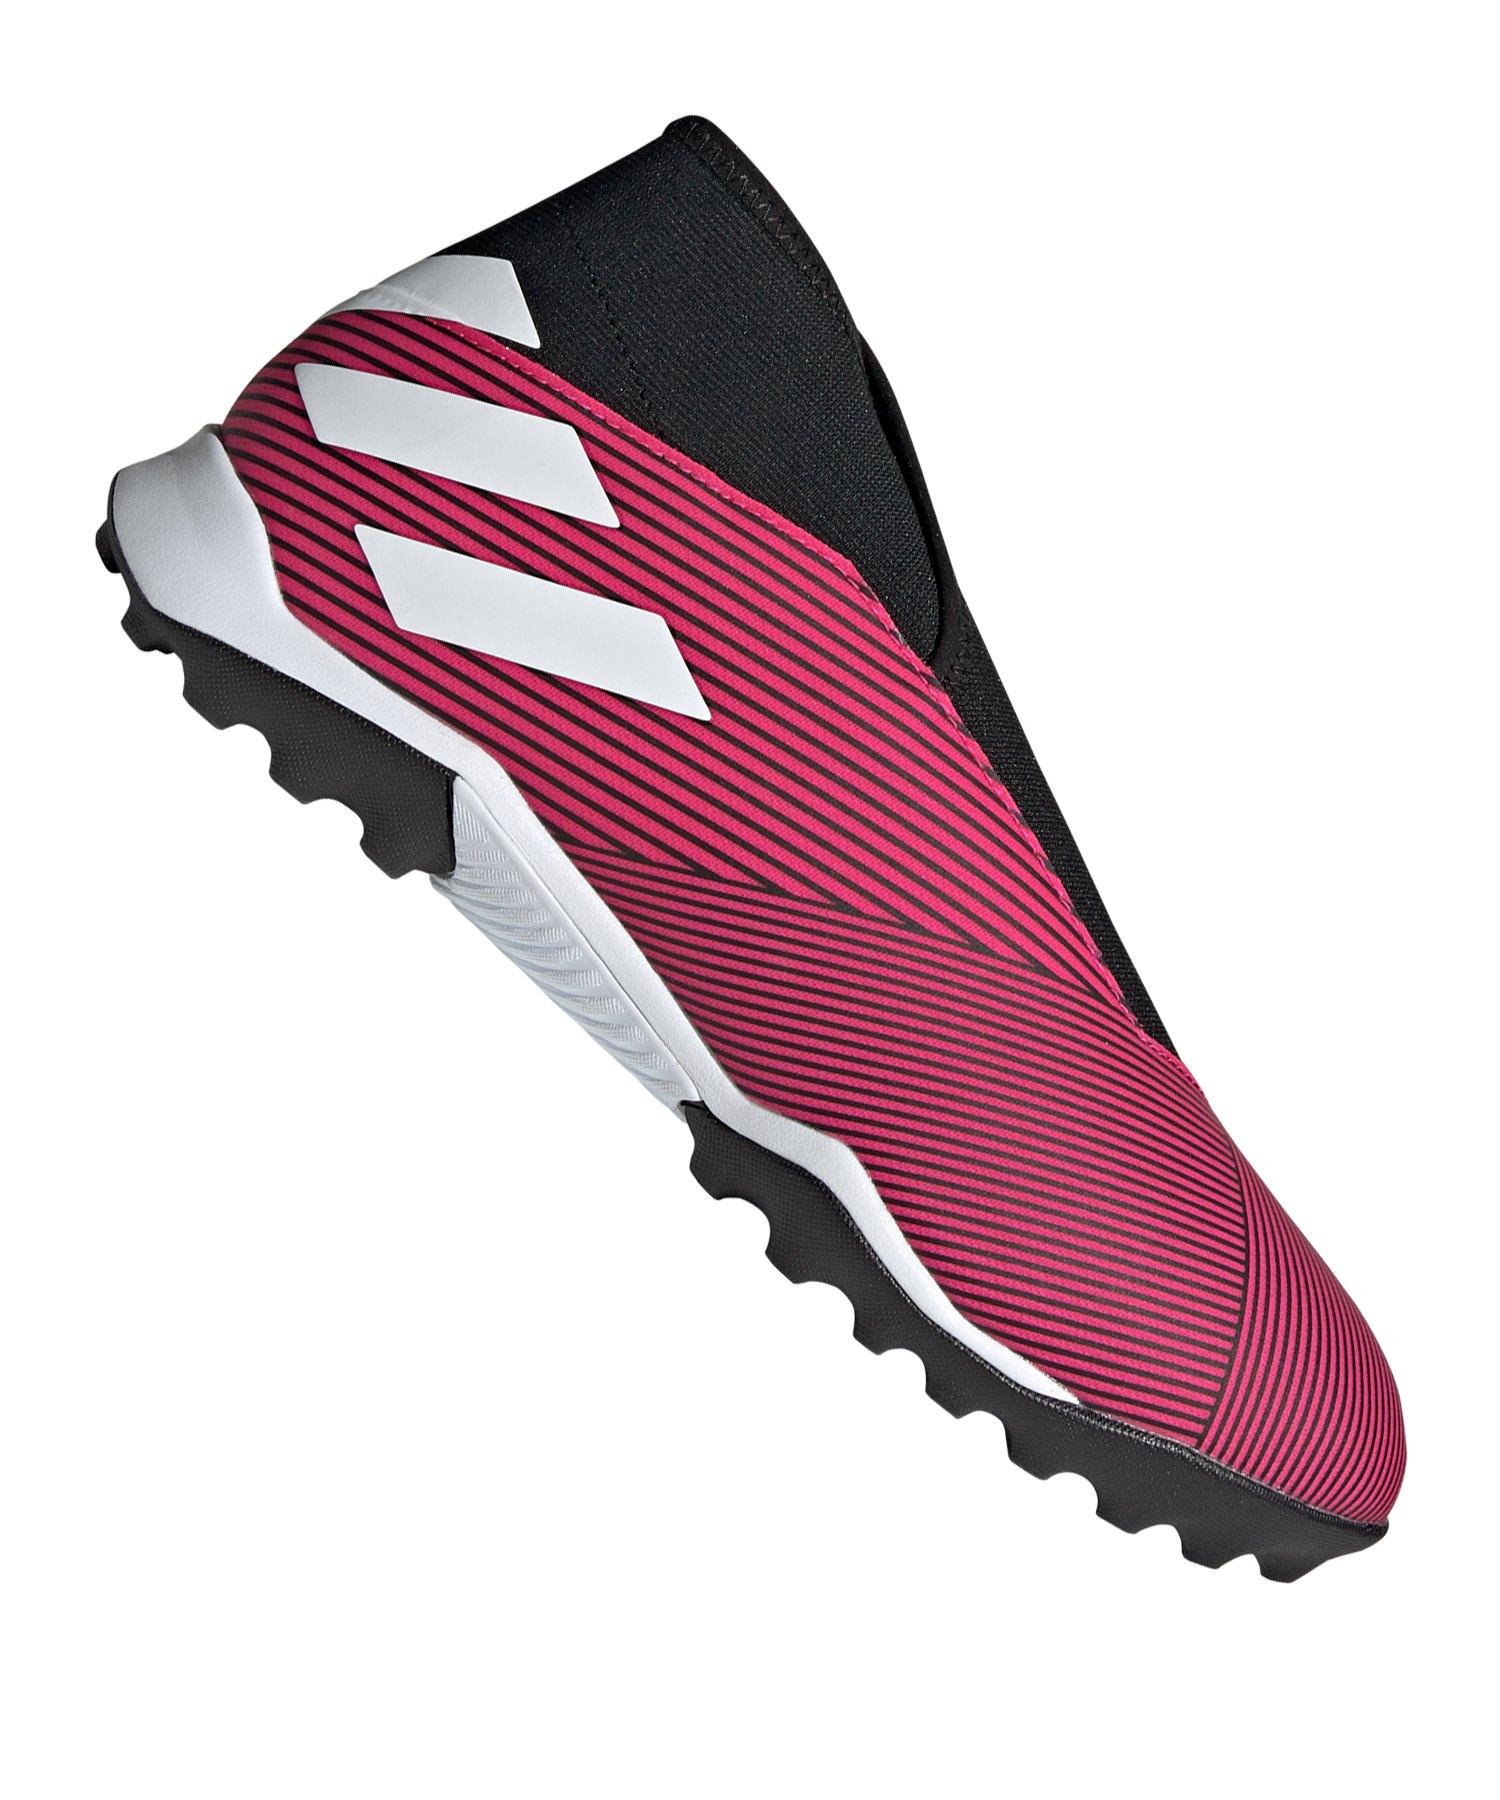 Adidas Tech Super ab 79,95 €   Preisvergleich bei